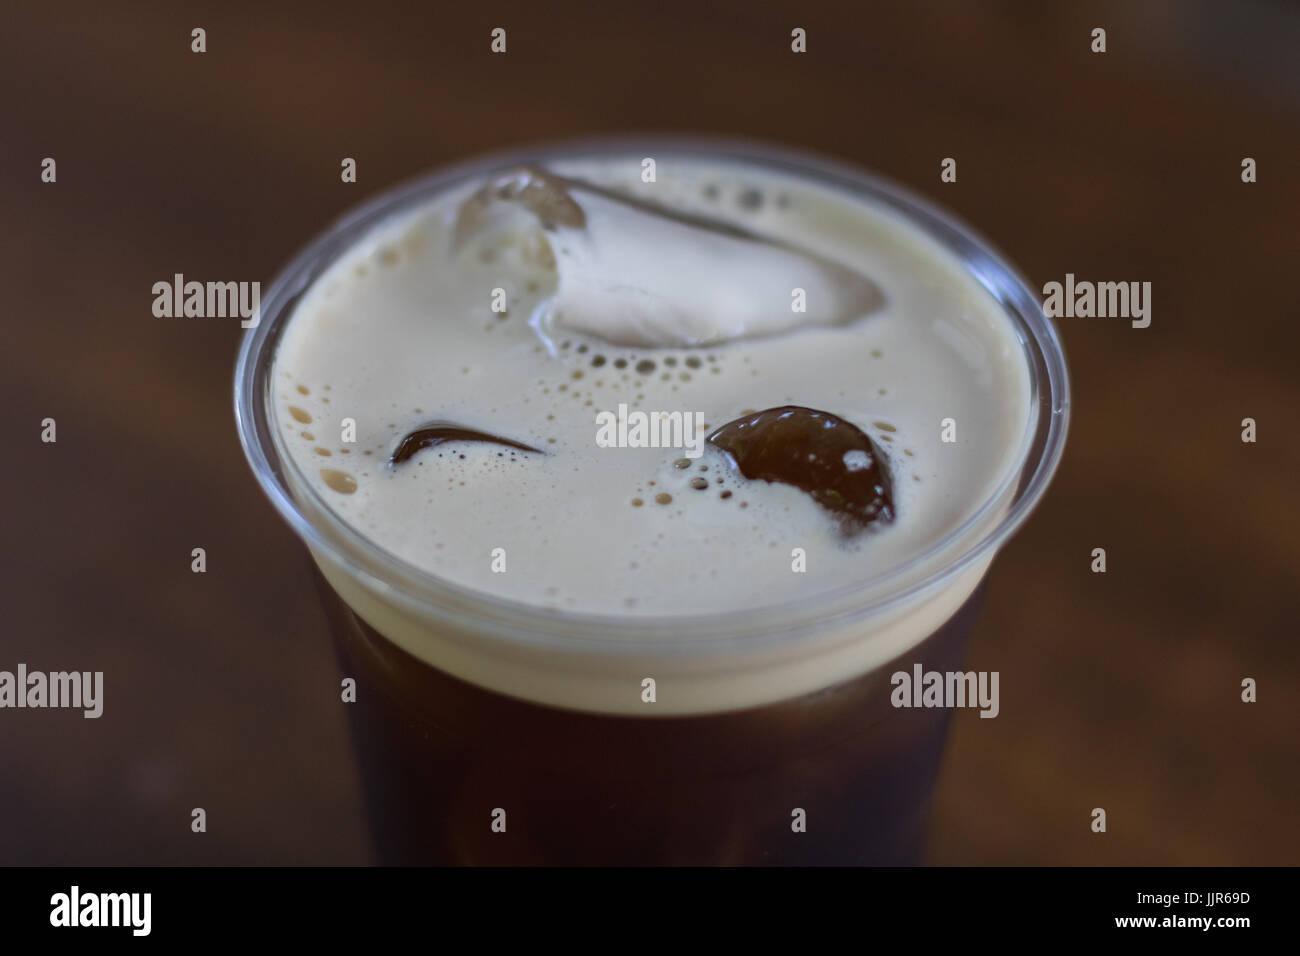 Nitro mousseux préparer de café froid dans la tasse à emporter prêt à boire Photo Stock